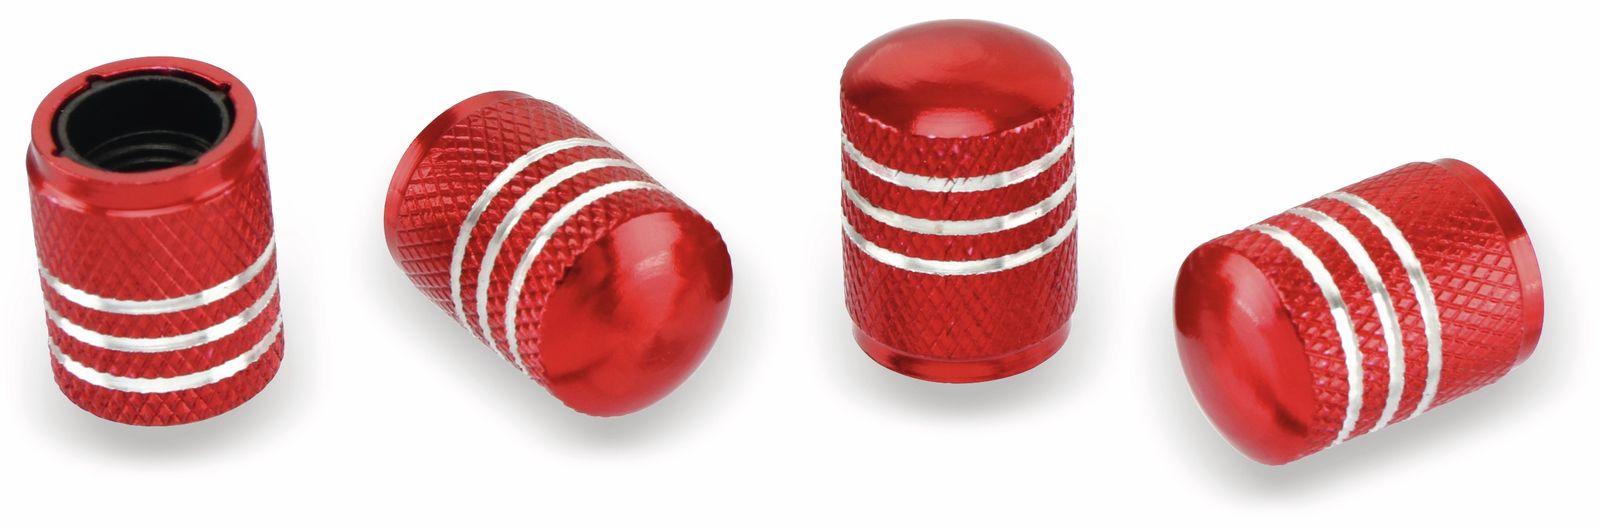 Ventilverschlüsse DUNLOP, 4 Stück, rot